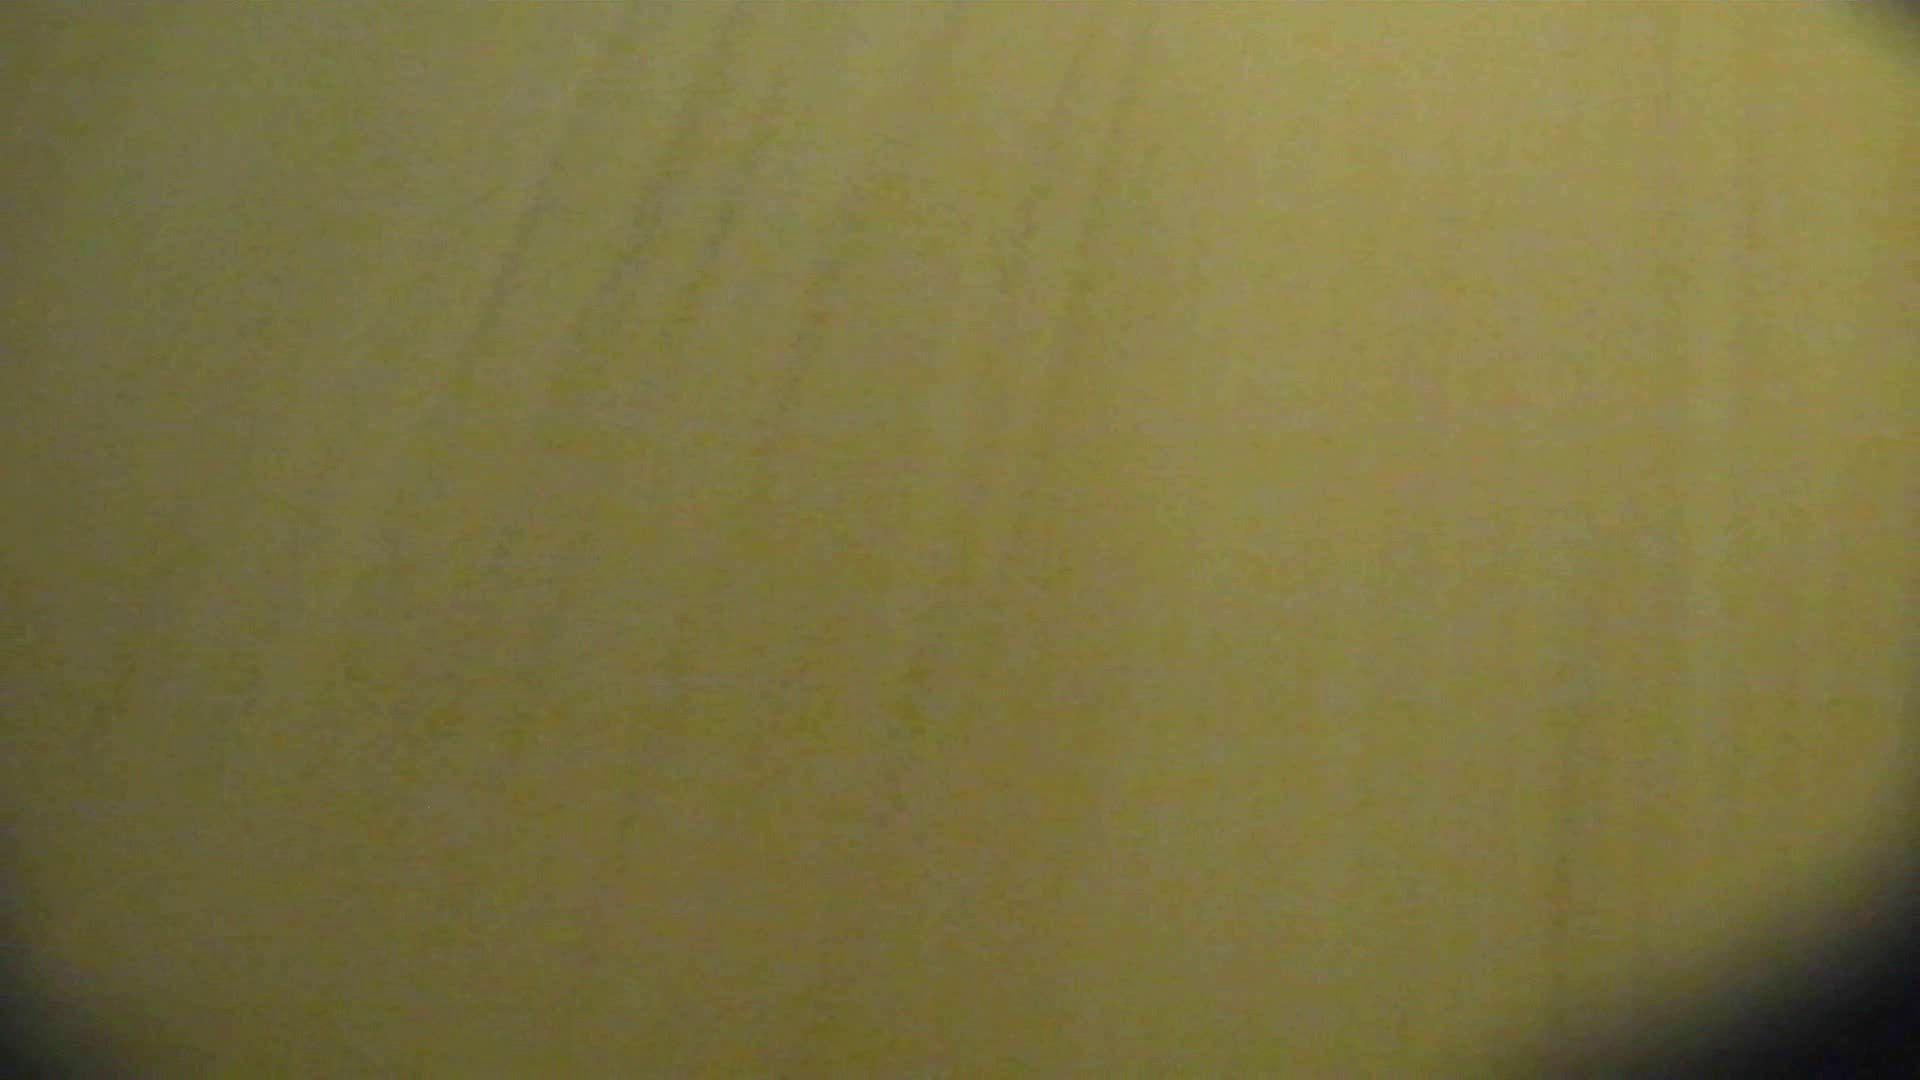 阿国ちゃんの「和式洋式七変化」No.12 和式で・・・ オメコ無修正動画無料 99画像 95